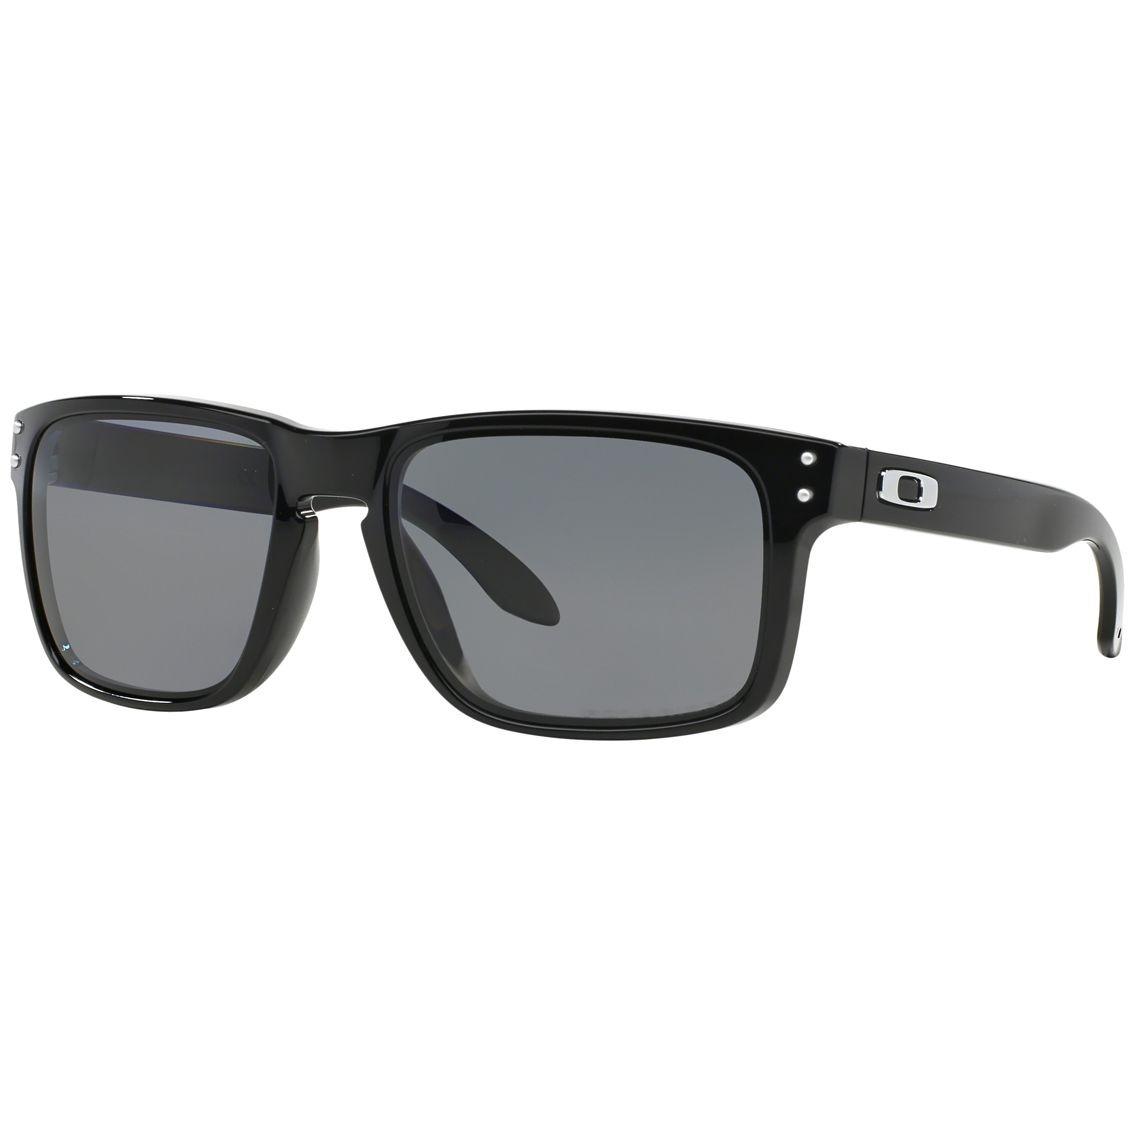 Óculos Polarizado Oakley Holbrook - R  440,45 em Mercado Livre 633f32e70c